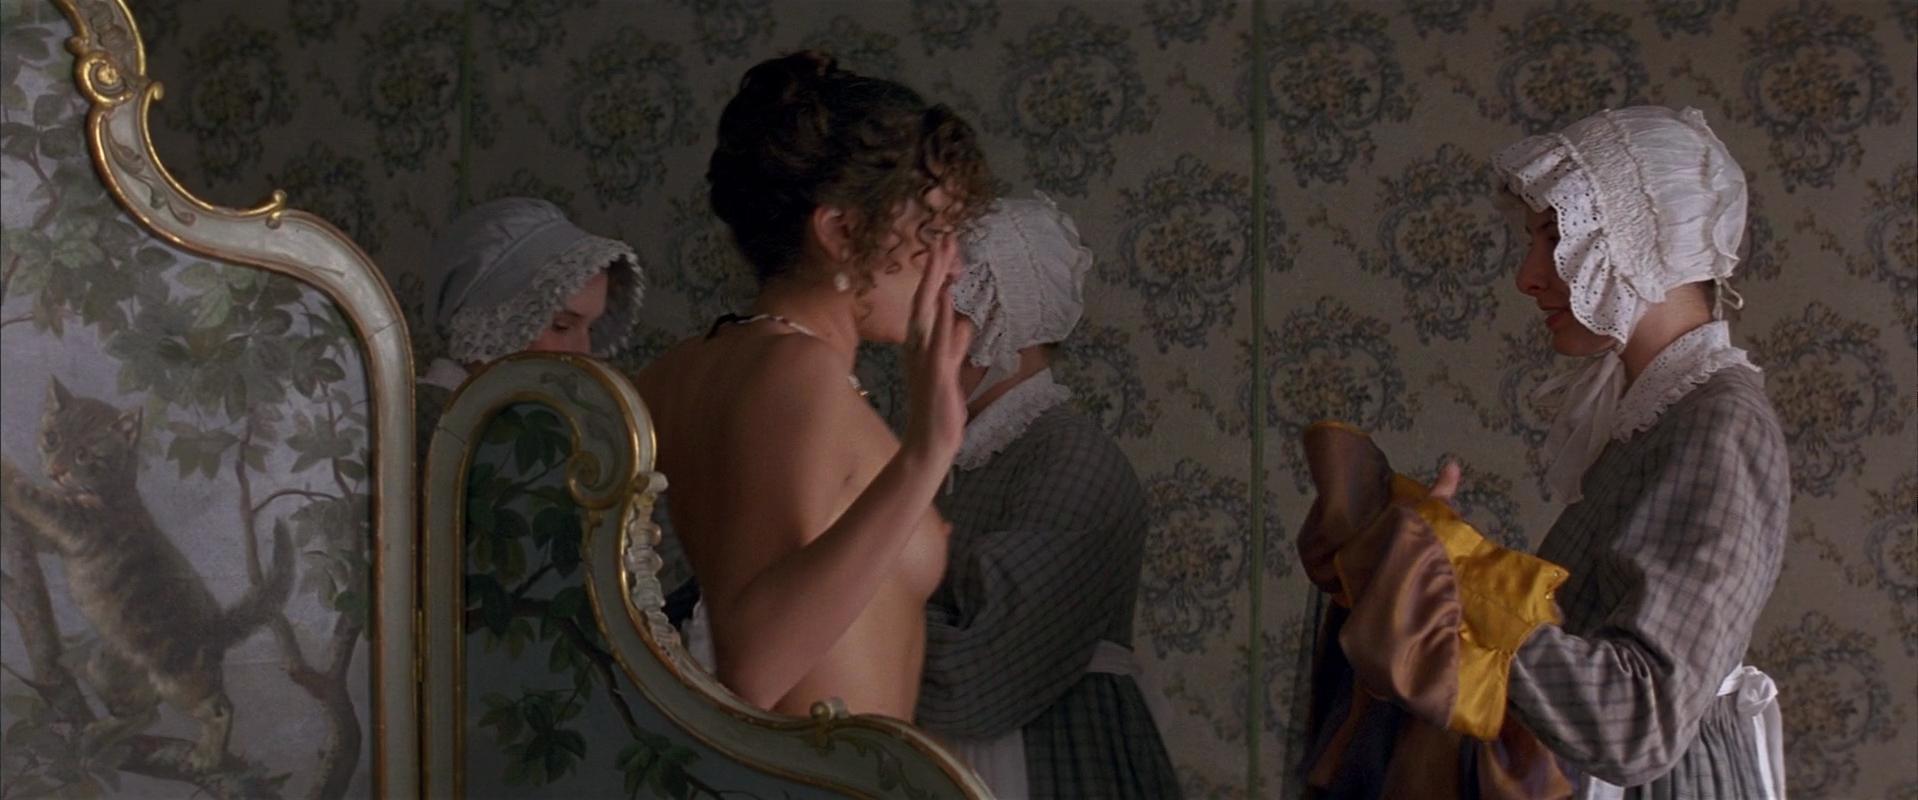 Valeria Golino nude, Geno Lechner nude - Immortal Beloved (1994)